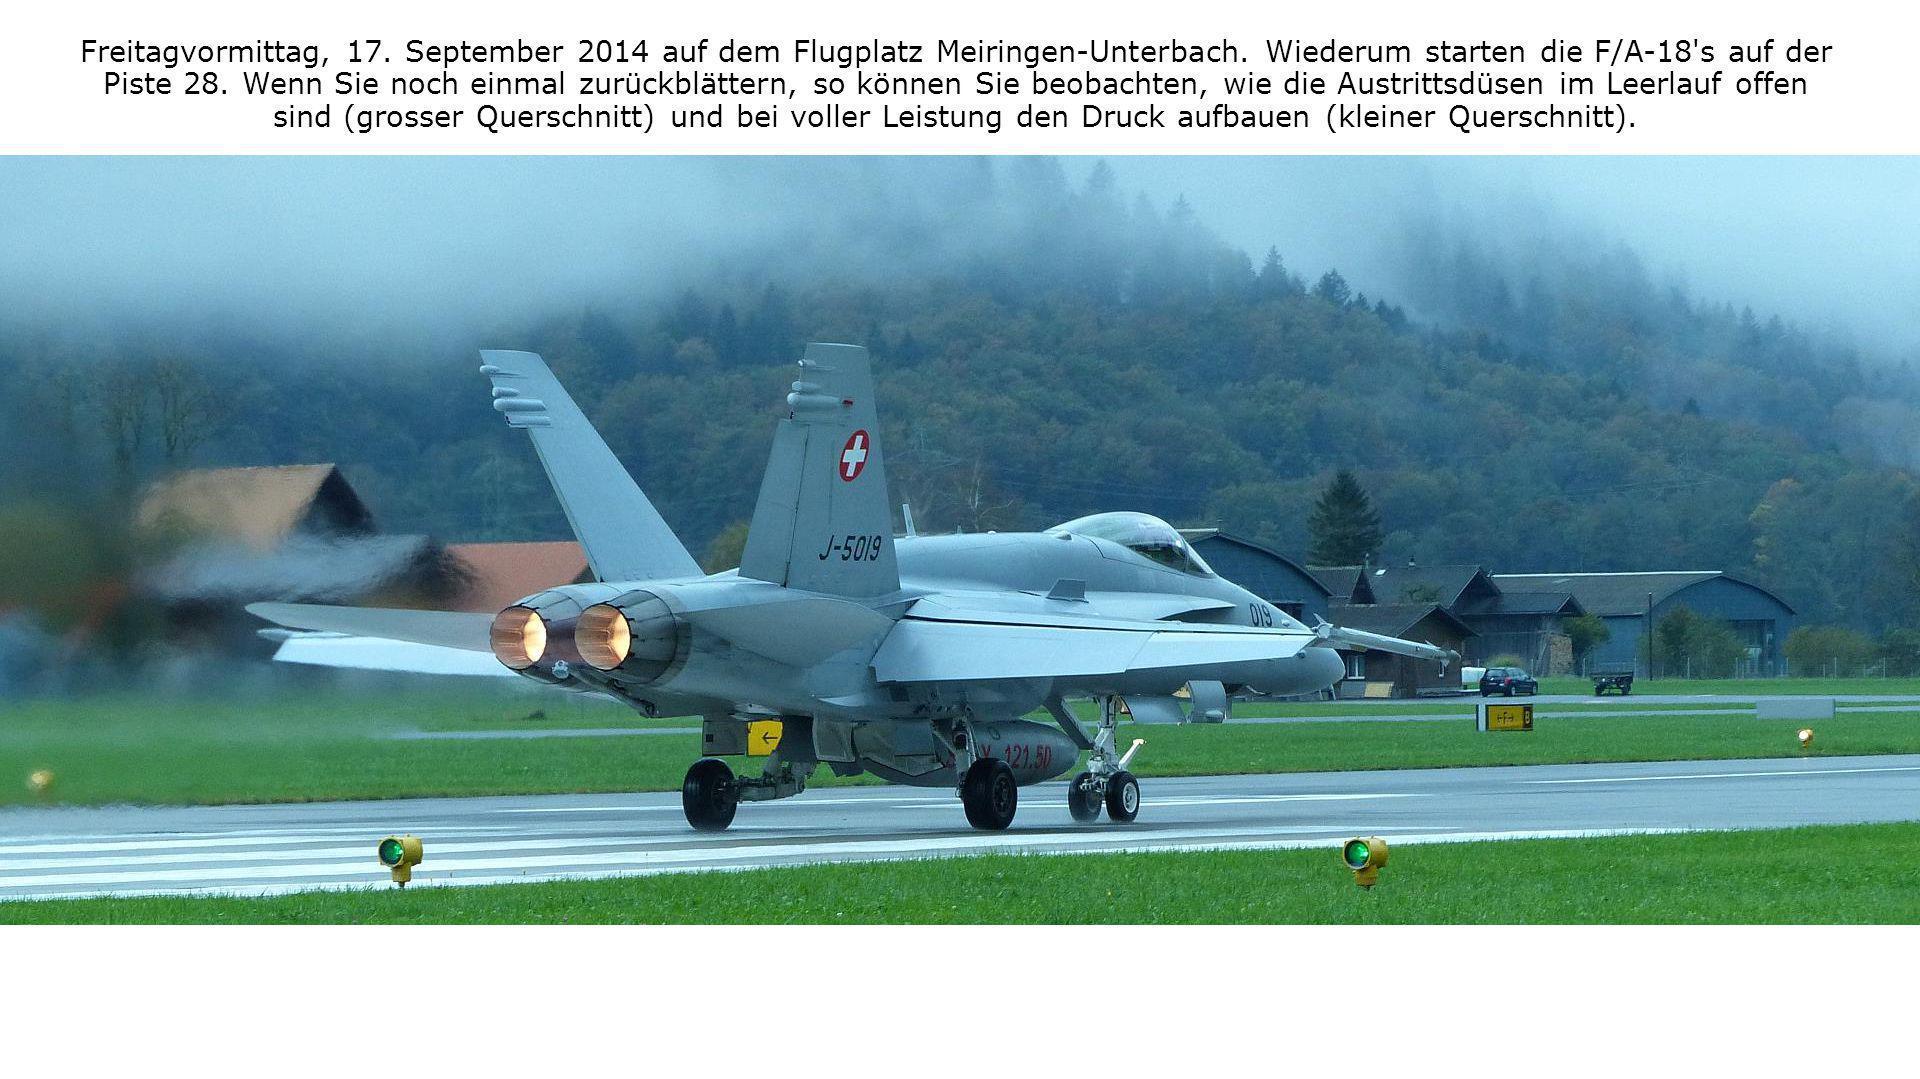 Freitagvormittag, 17. September 2014 auf dem Flugplatz Meiringen-Unterbach. Wiederum starten die F/A-18 s auf der